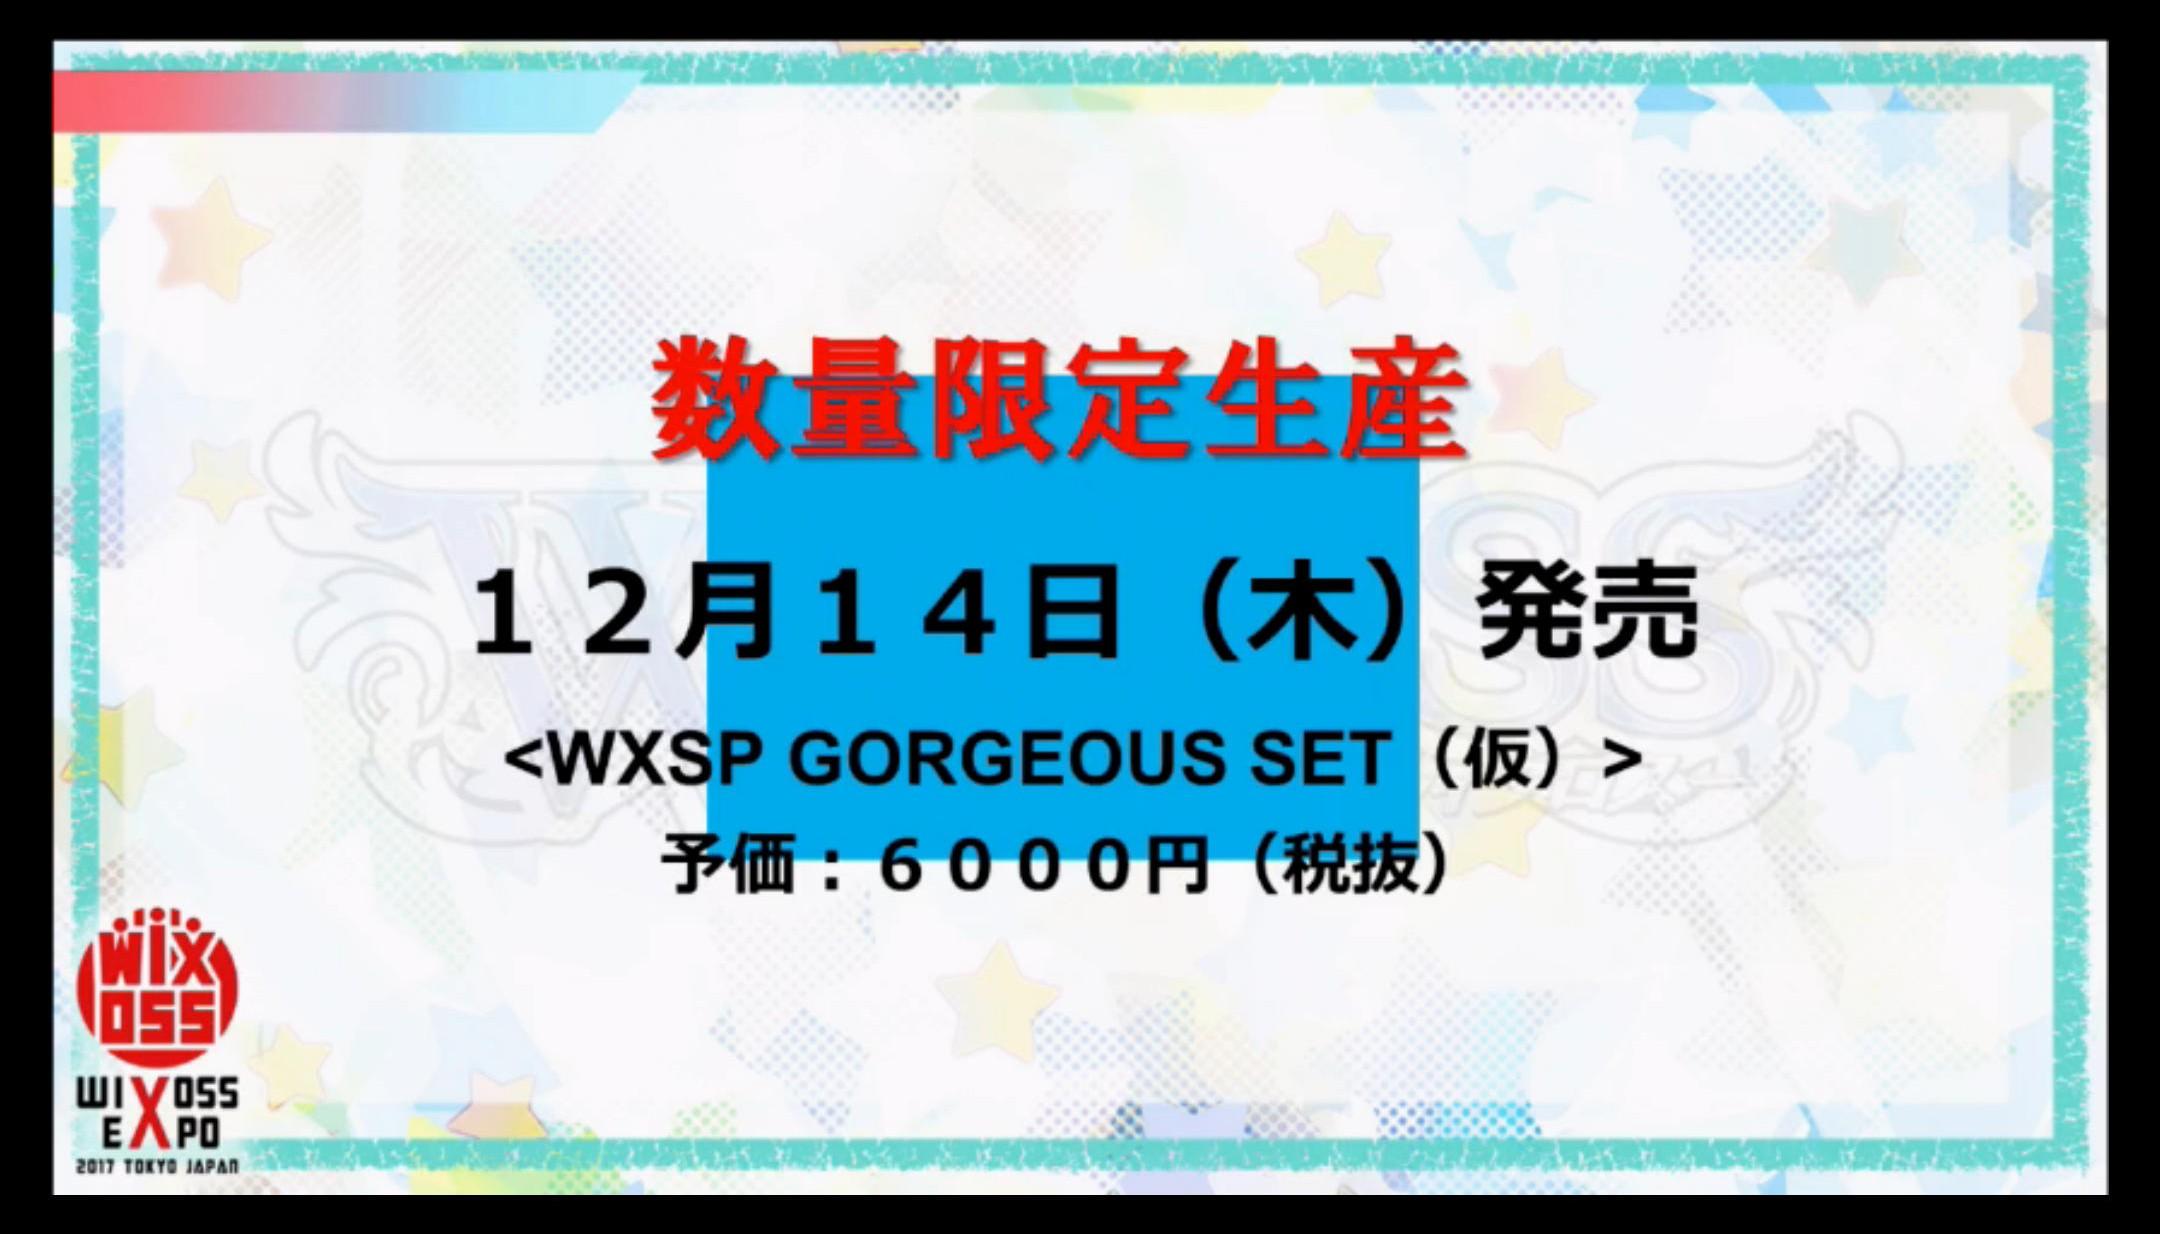 wx-live-170806-043.jpg